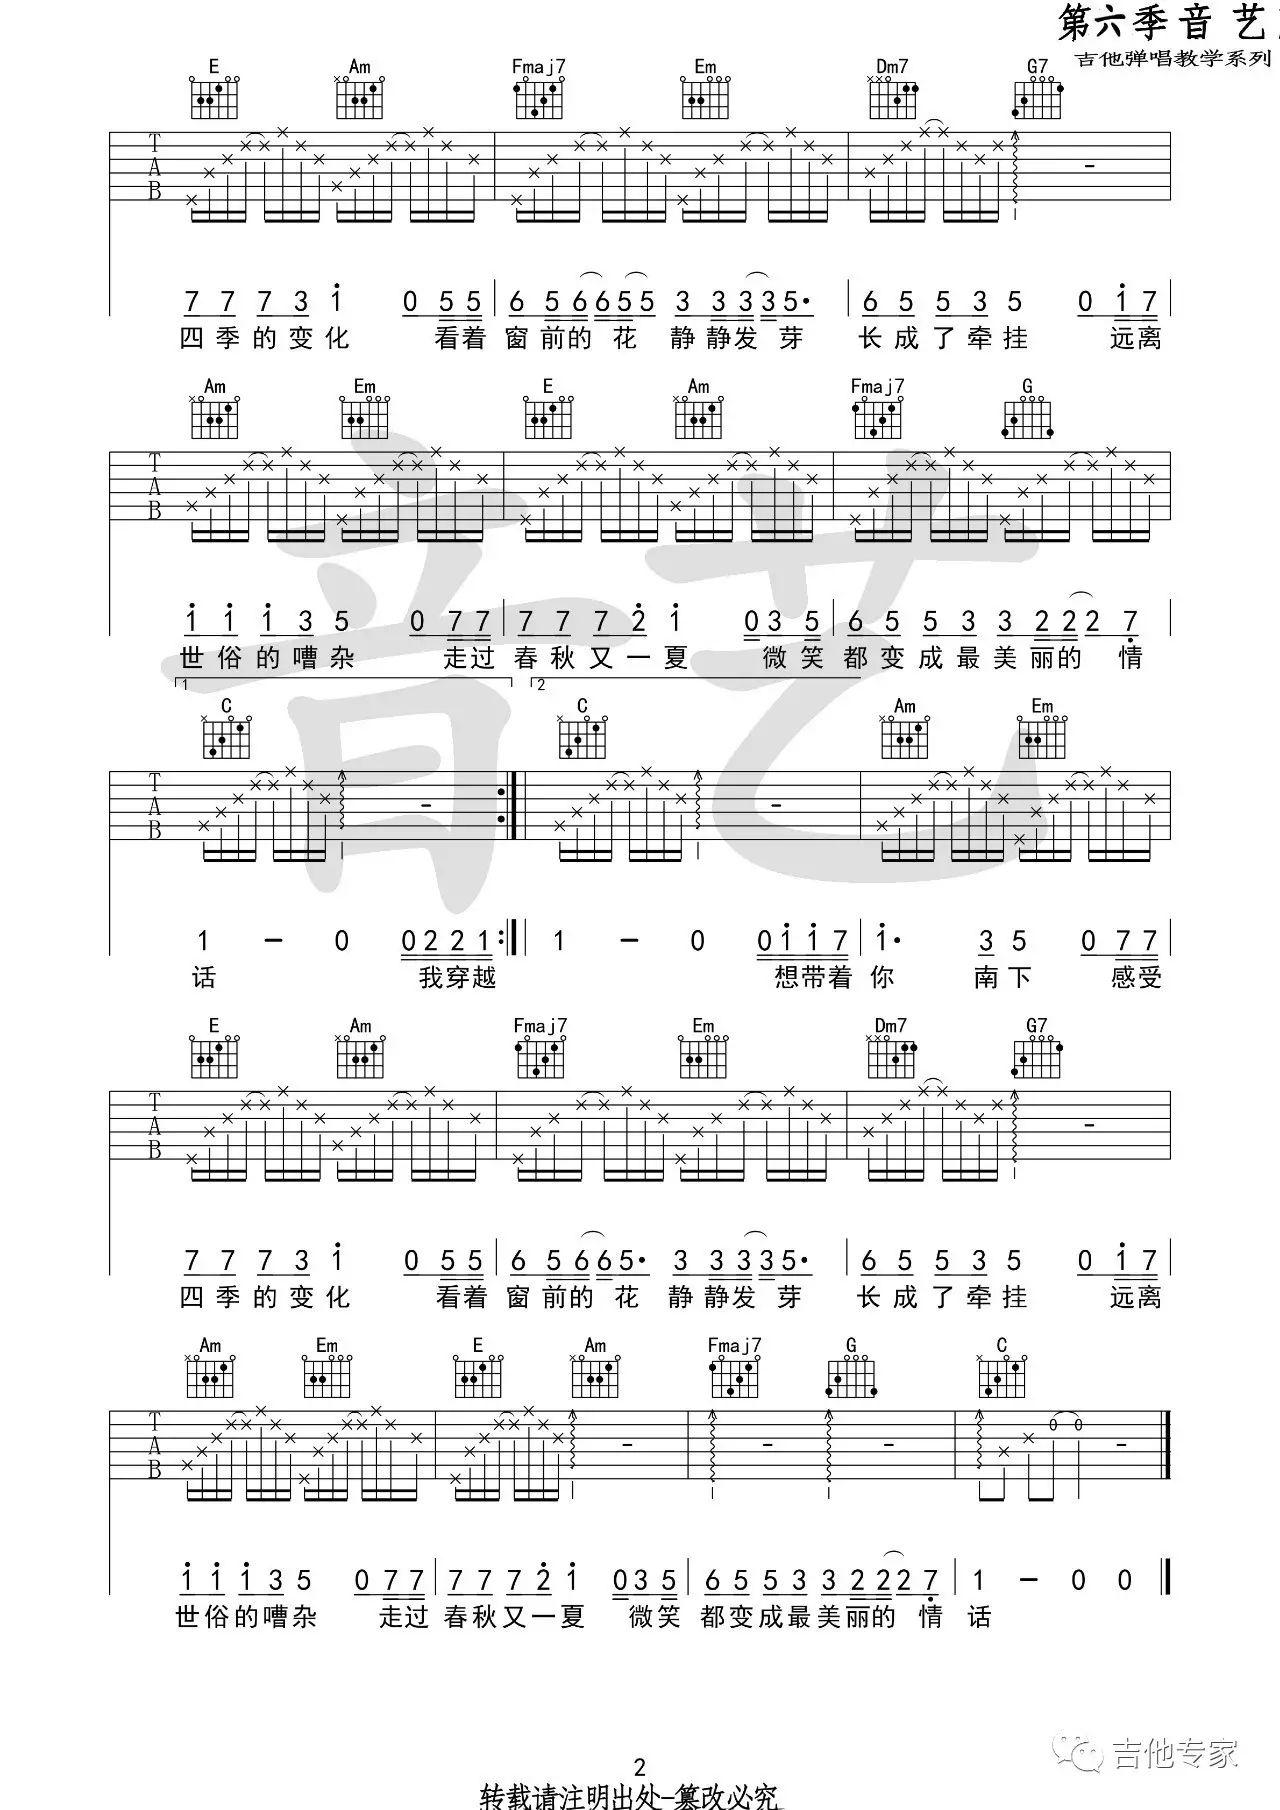 吉他派南下吉他谱-2